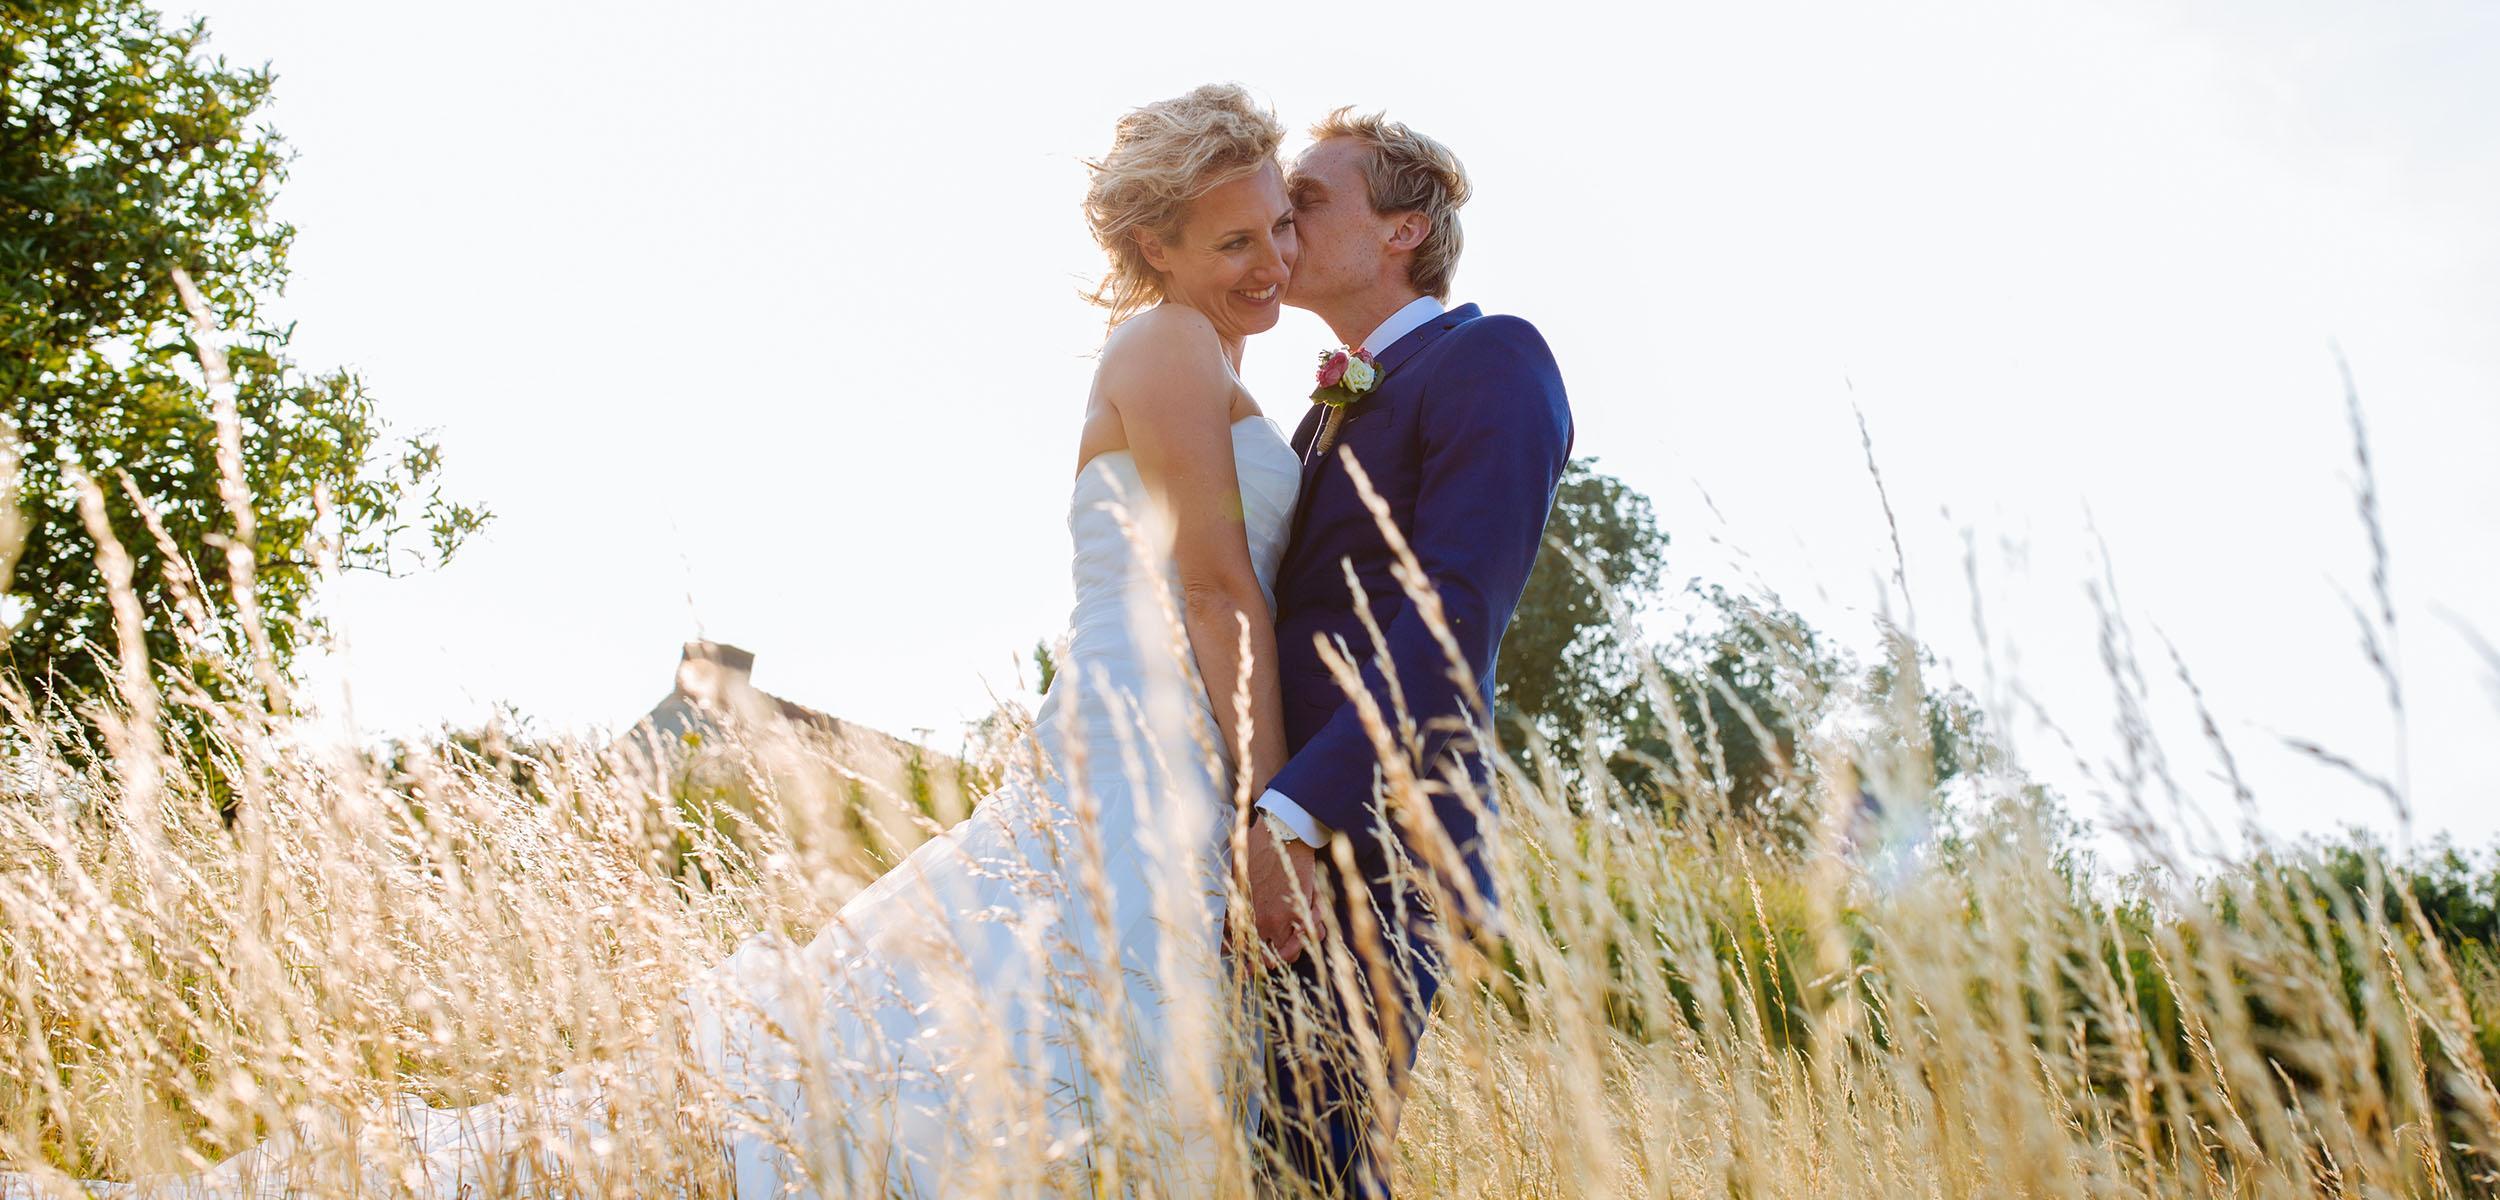 slider evert doorn trouwfotografie sprankelende en stijlvolle trouwfotografie en exclusieve handgemaakte albums 02